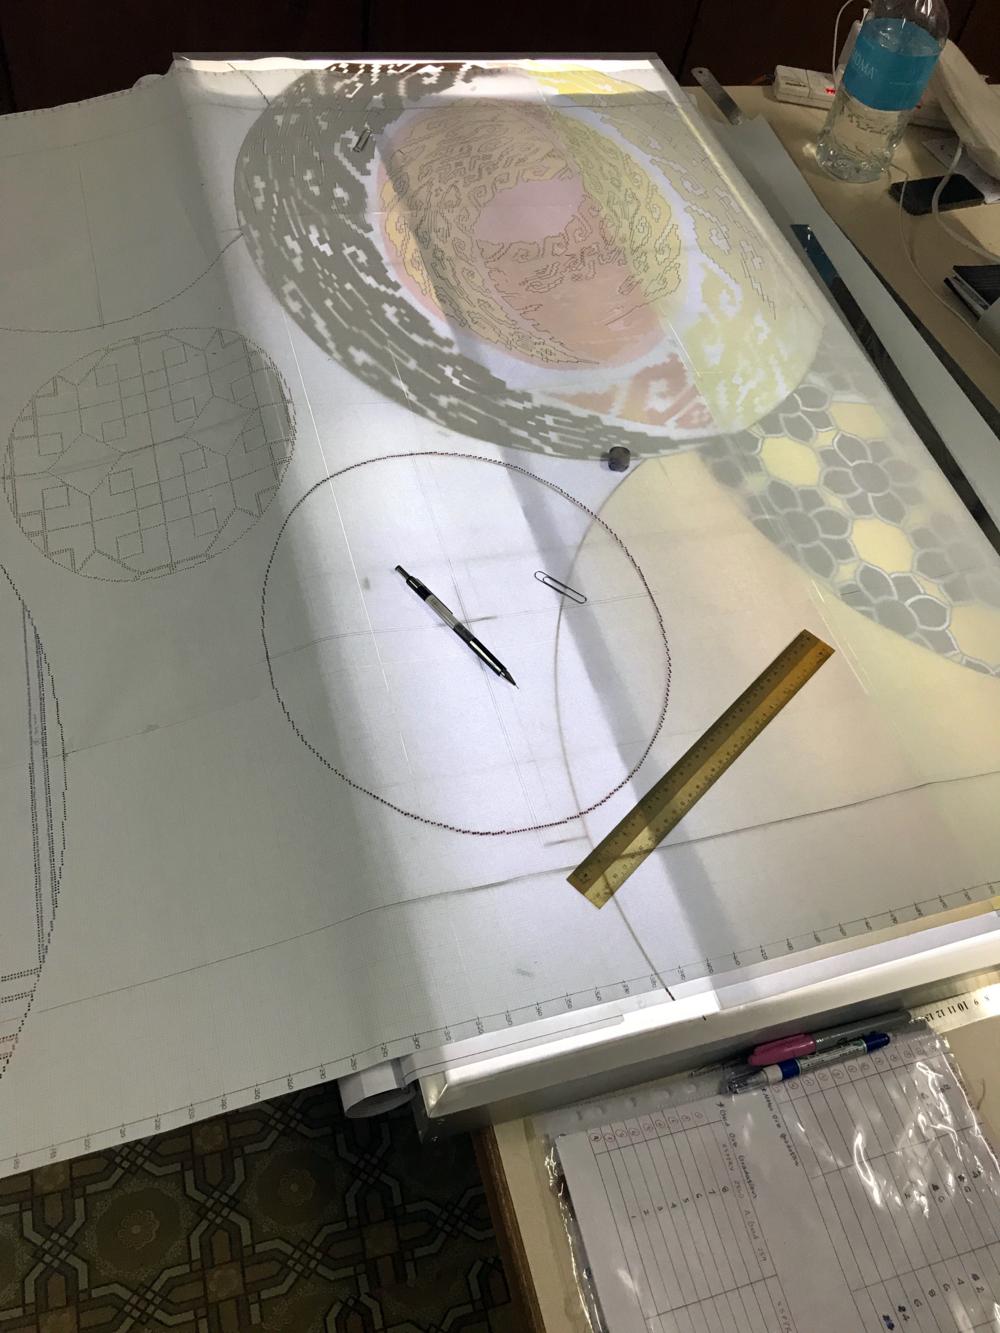 Pattern sketching